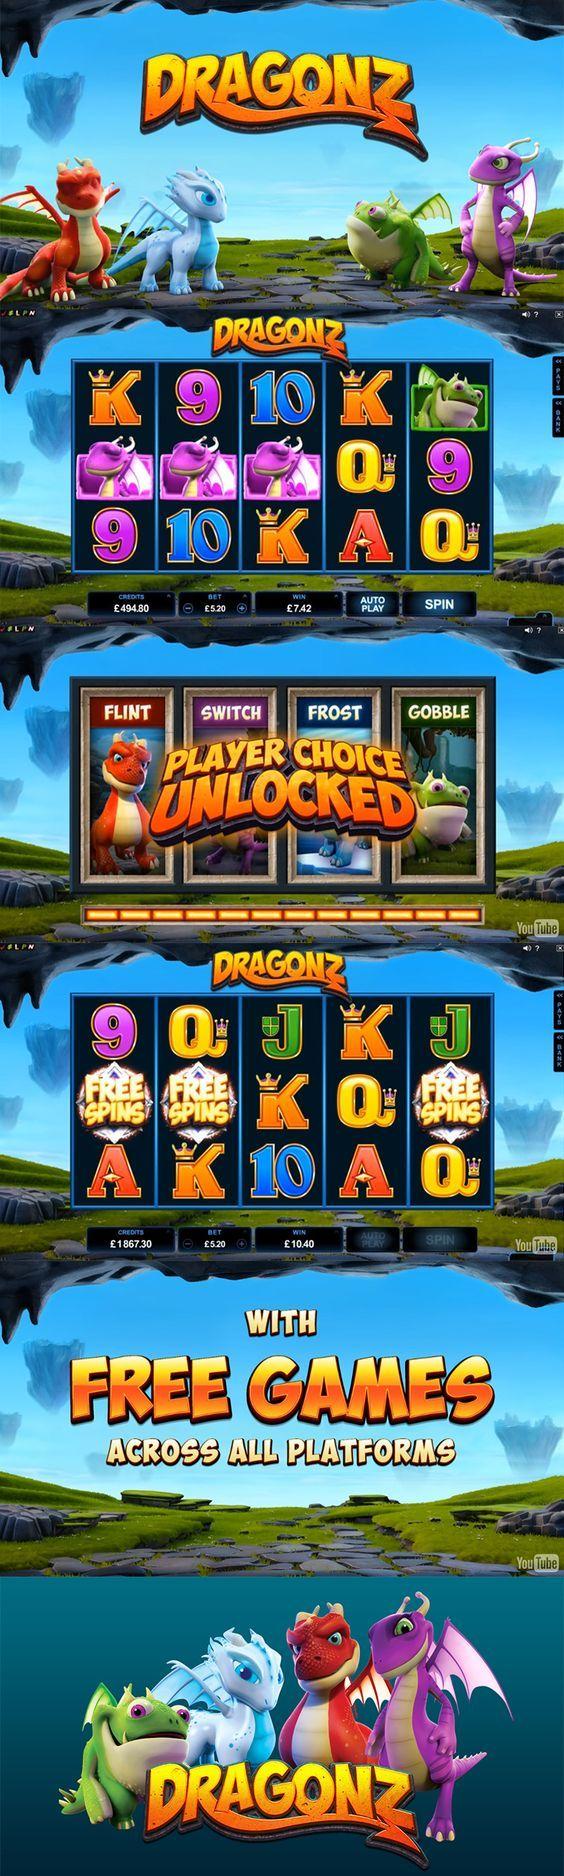 Играть в казино онлайн на официальном сайте Космолот Чемпион.У нас слота, бонус на первый депозит.Можно играть в демо игры бесплатно и в игровые автоматы на деньги.